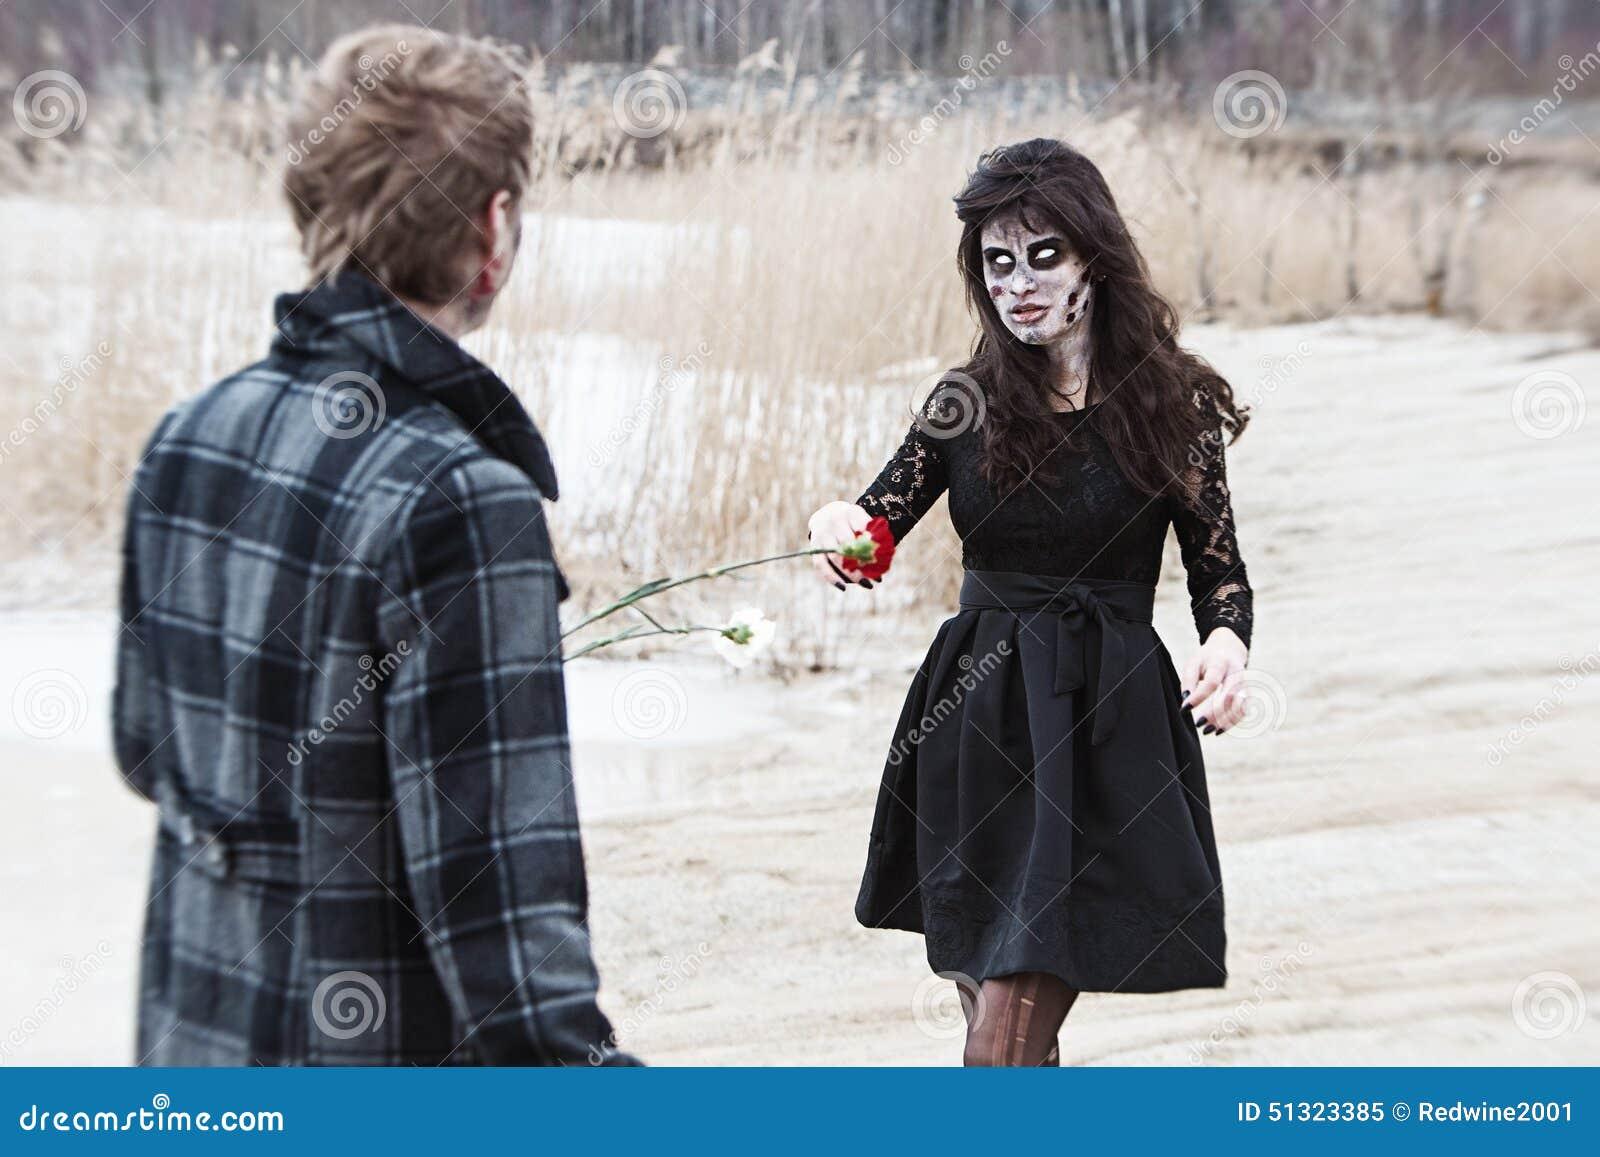 Dating femme fatale, Site de rencontre bellememesanscheveux.fr